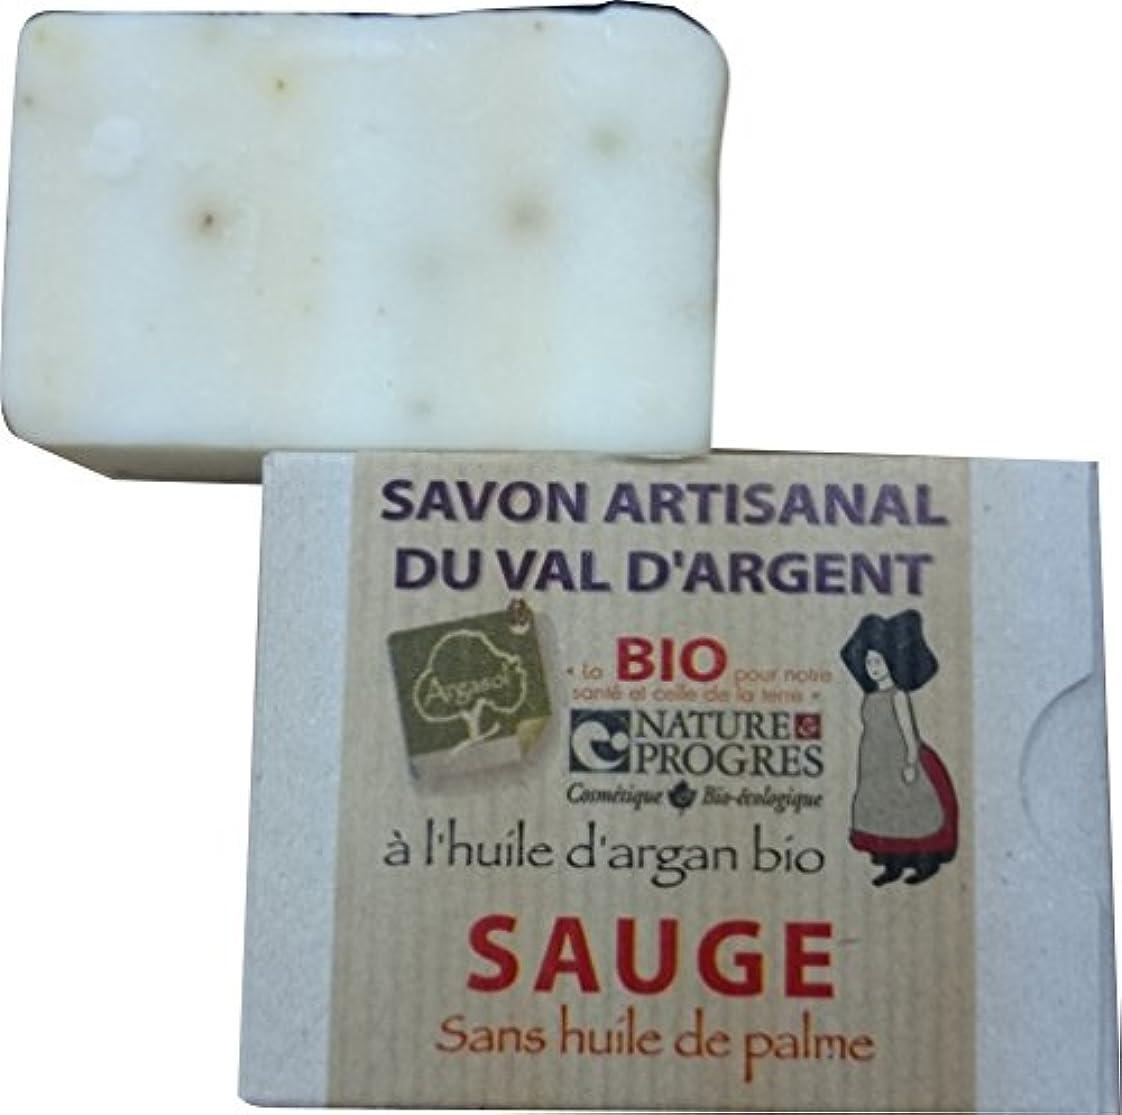 終了しました頭蓋骨趣味サボン アルガソル(SAVON ARGASOL) セージ